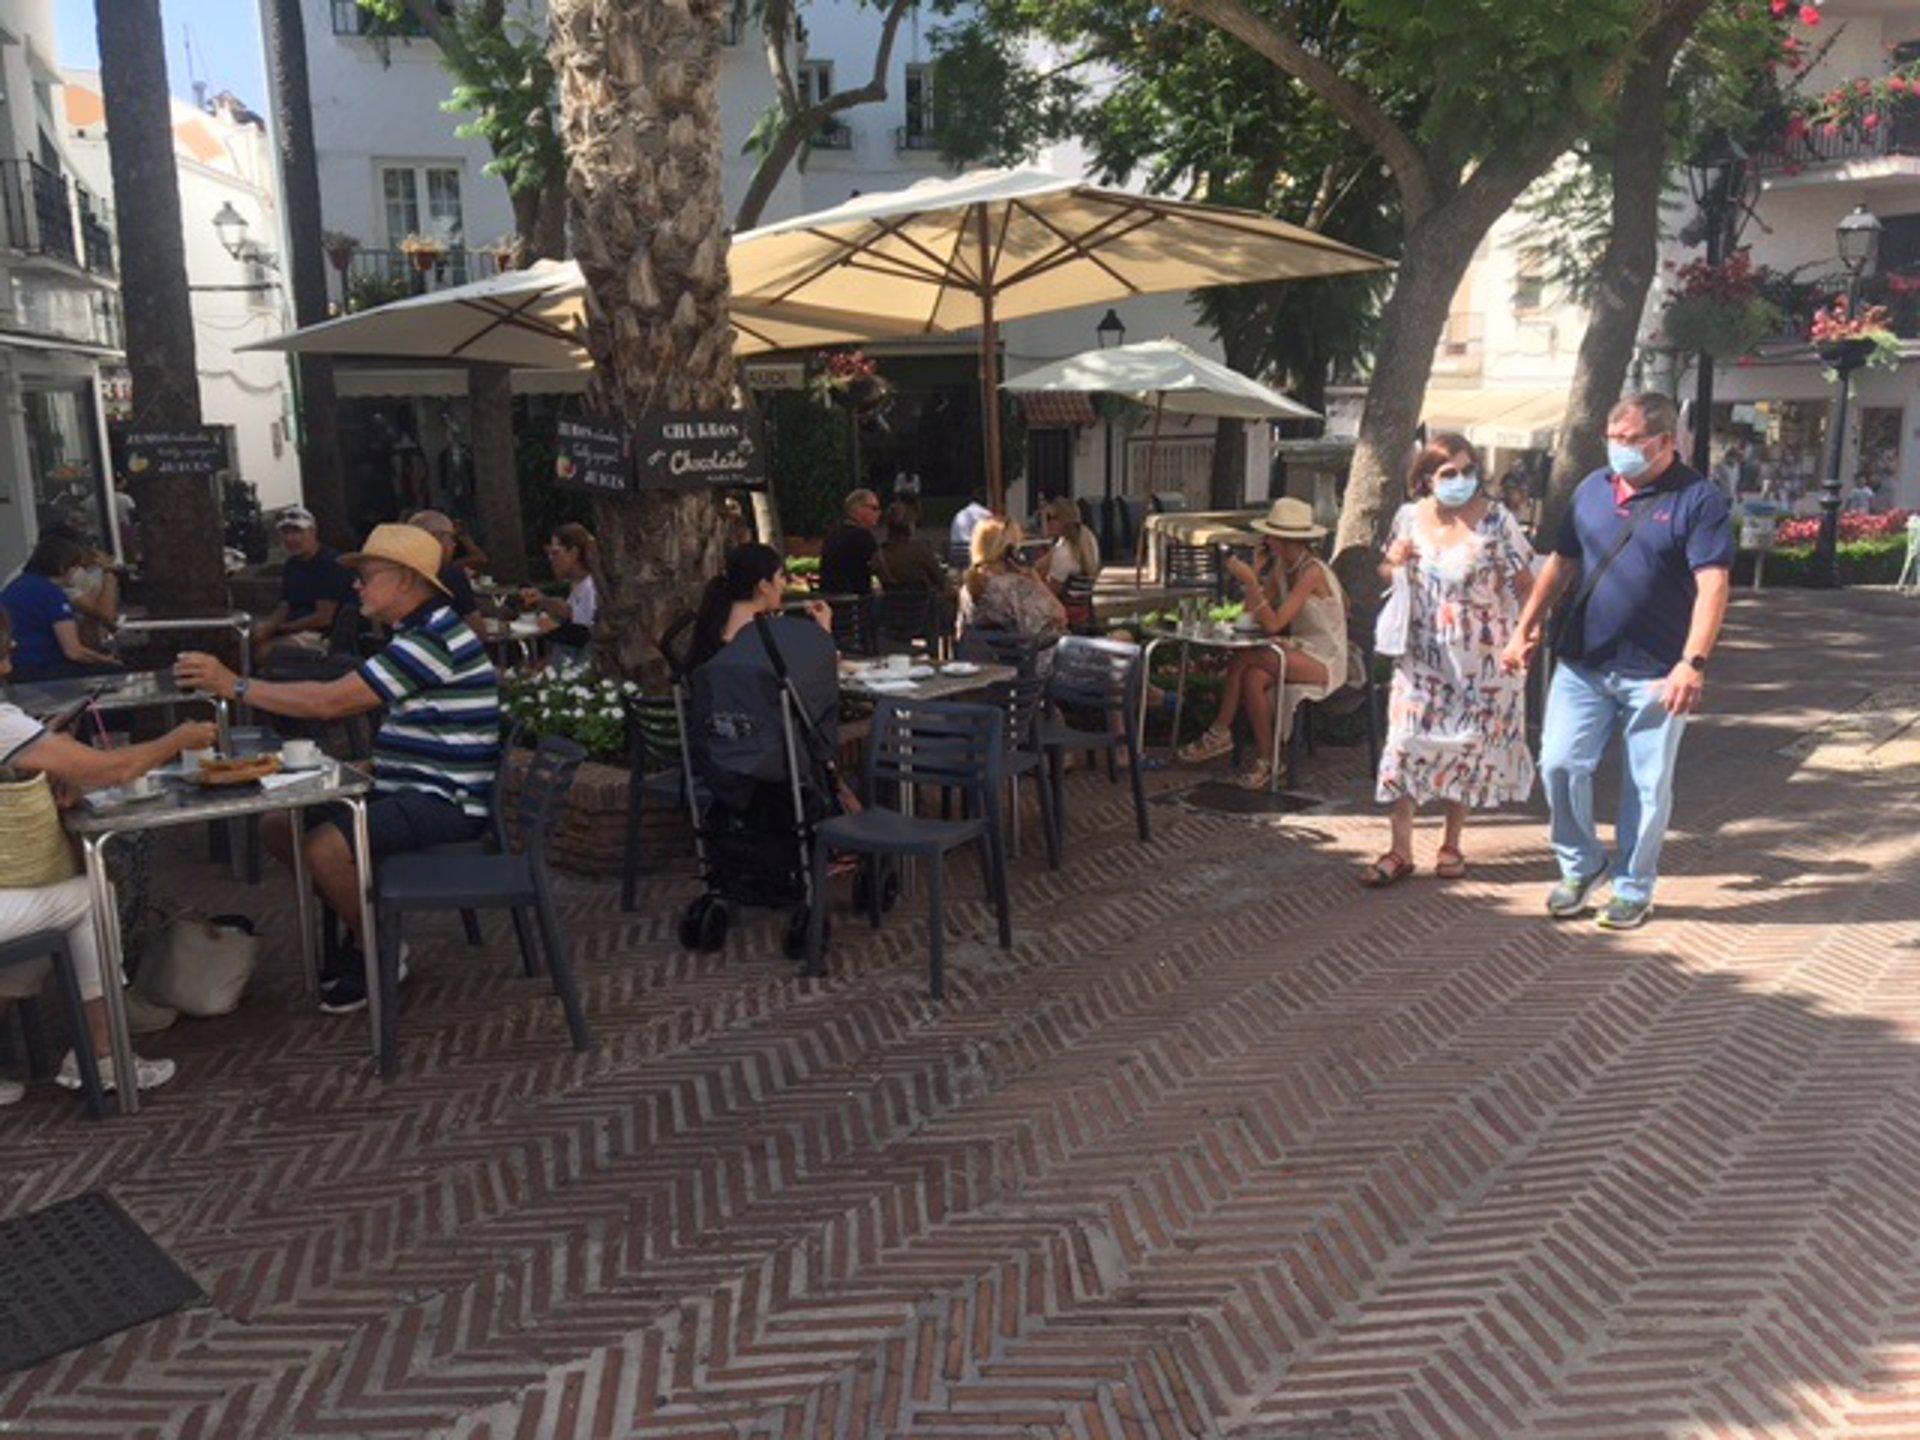 Marbella, Estepona (Málaga) y Montoro (Córdoba) superan la tasa 1.000 a horas de la revisión de medidas